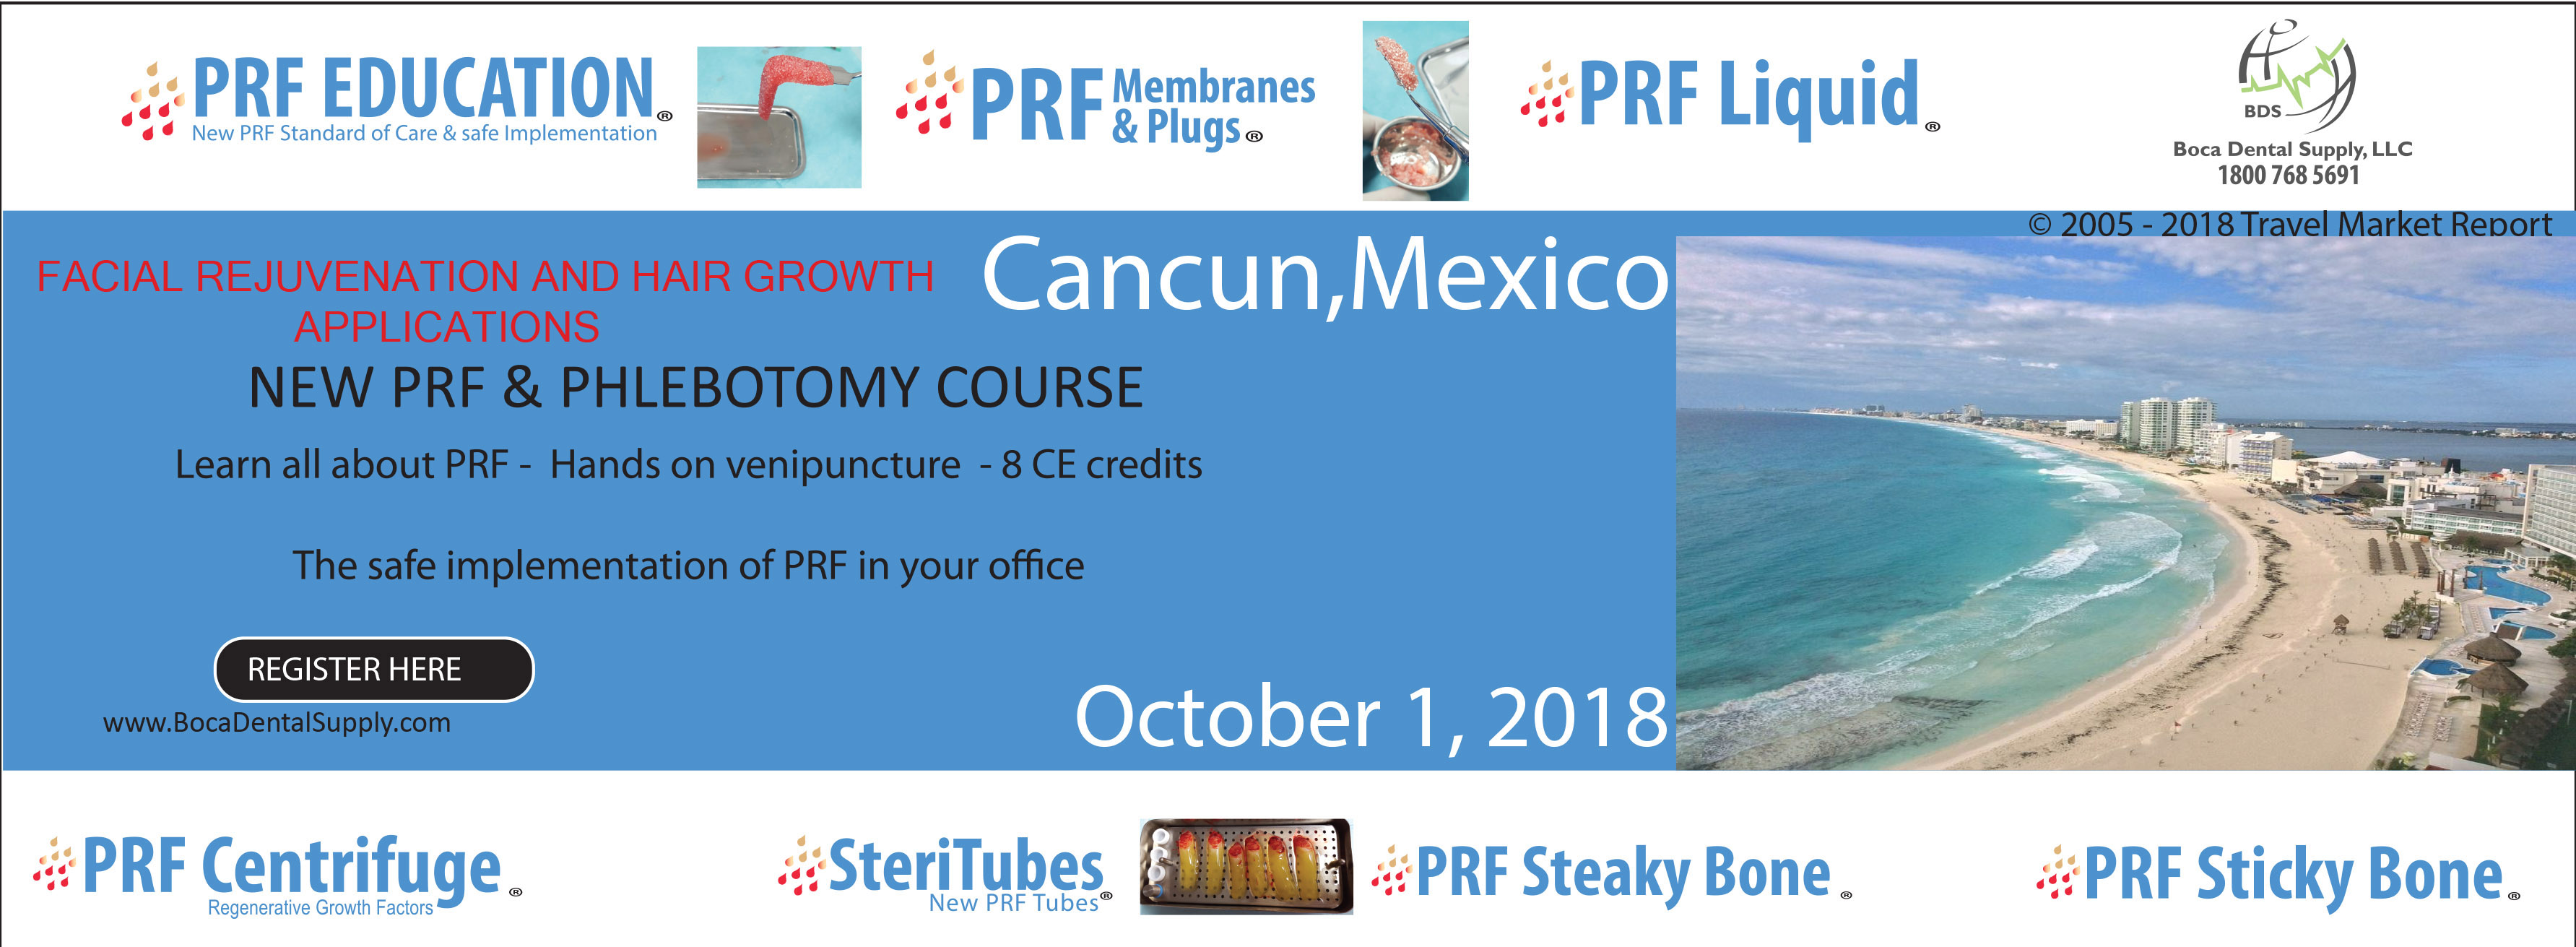 prf-course-cancun-facial-rejuvenation-2018-new.jpg